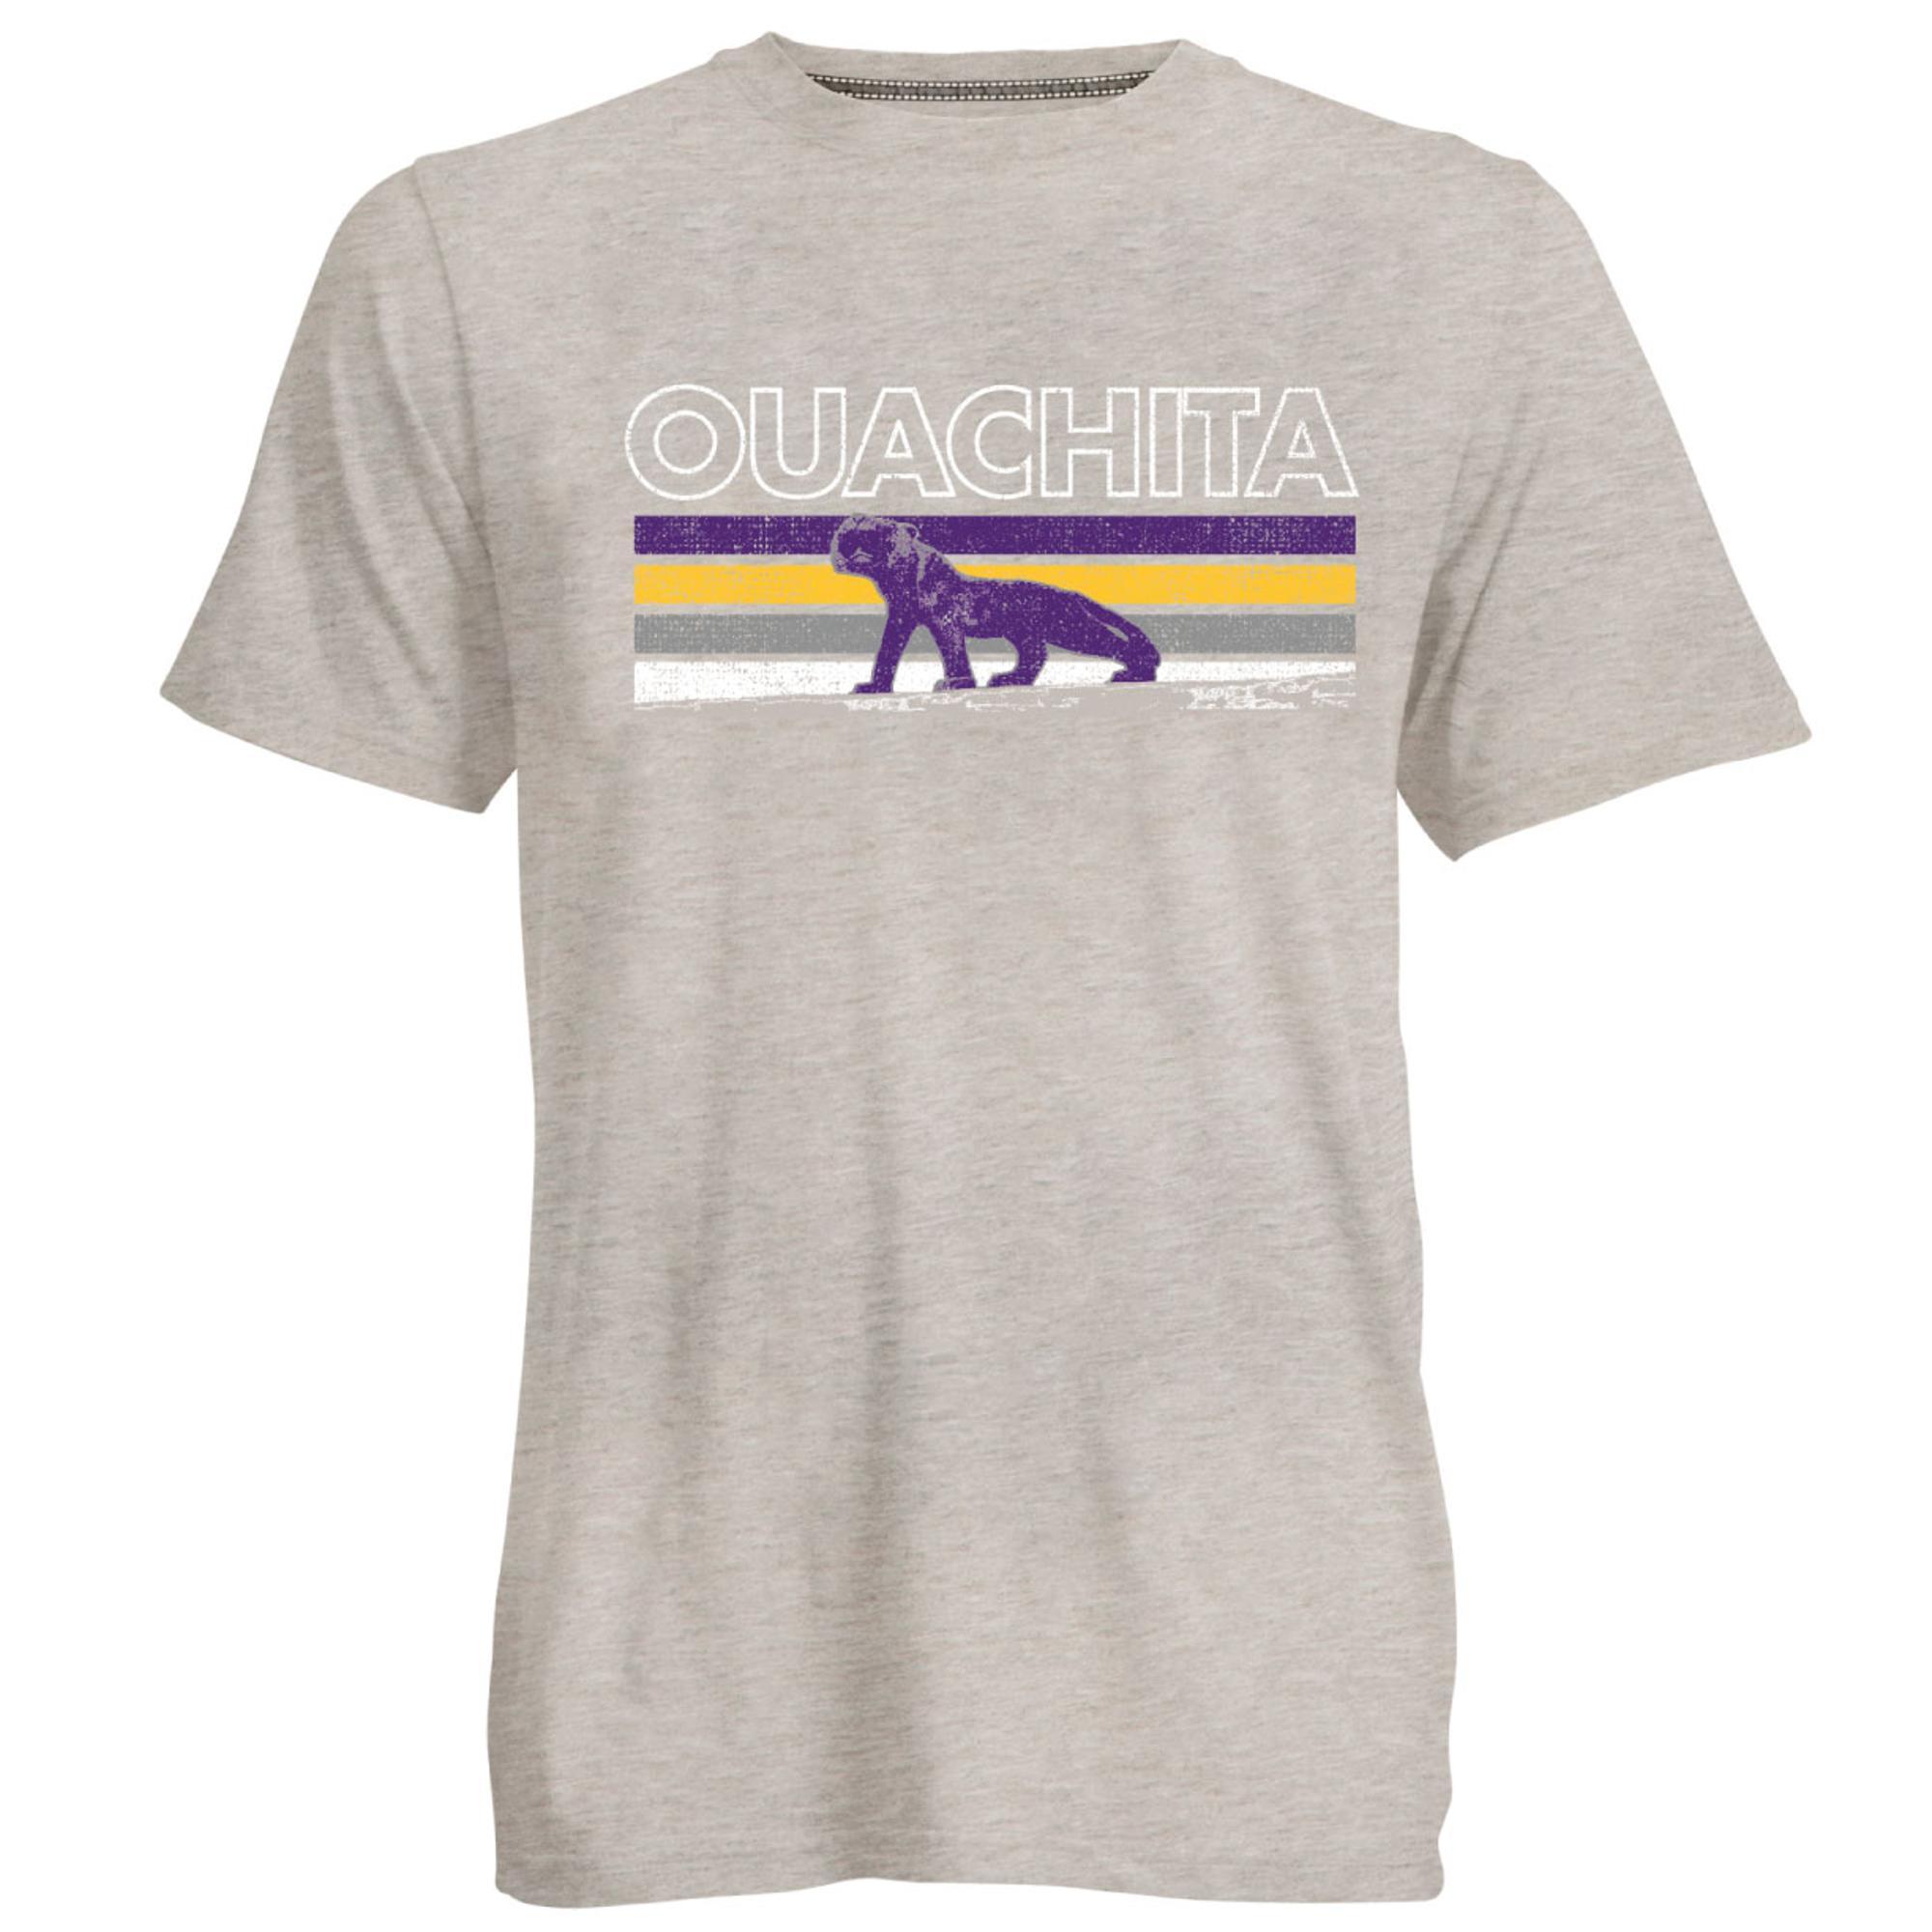 image of: Ouachita Go To Tee